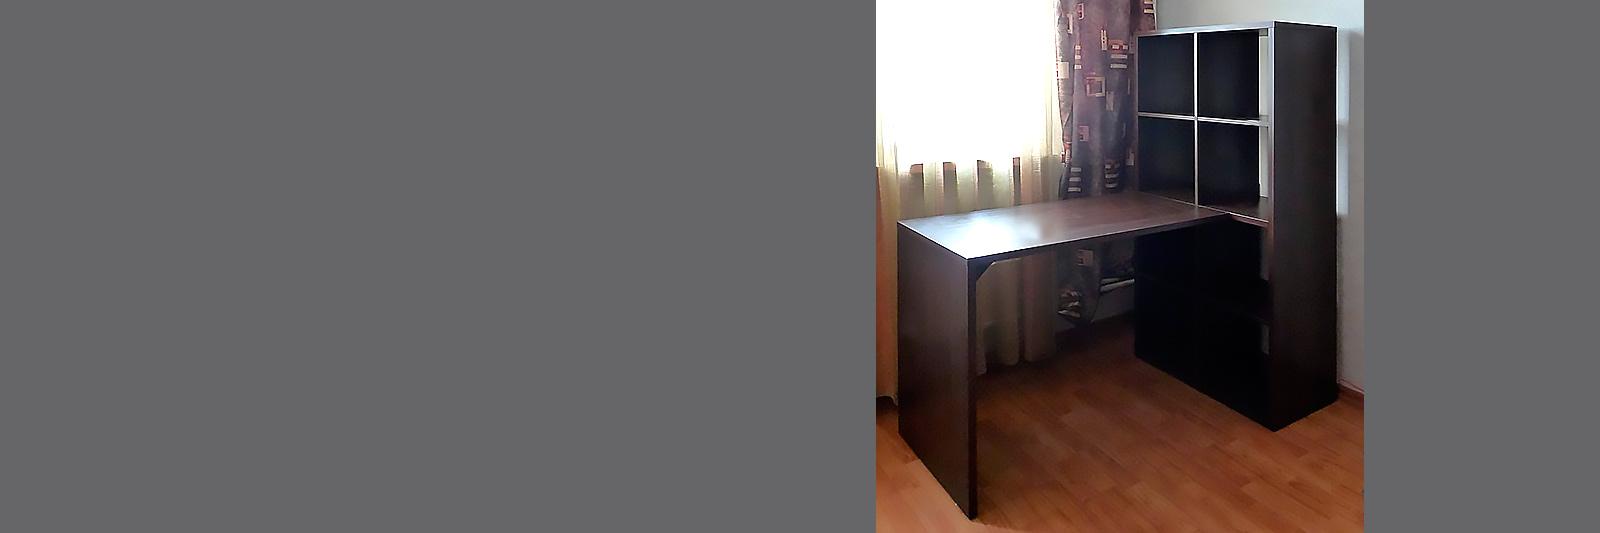 Стеллаж со столом по индивидуальному заказу